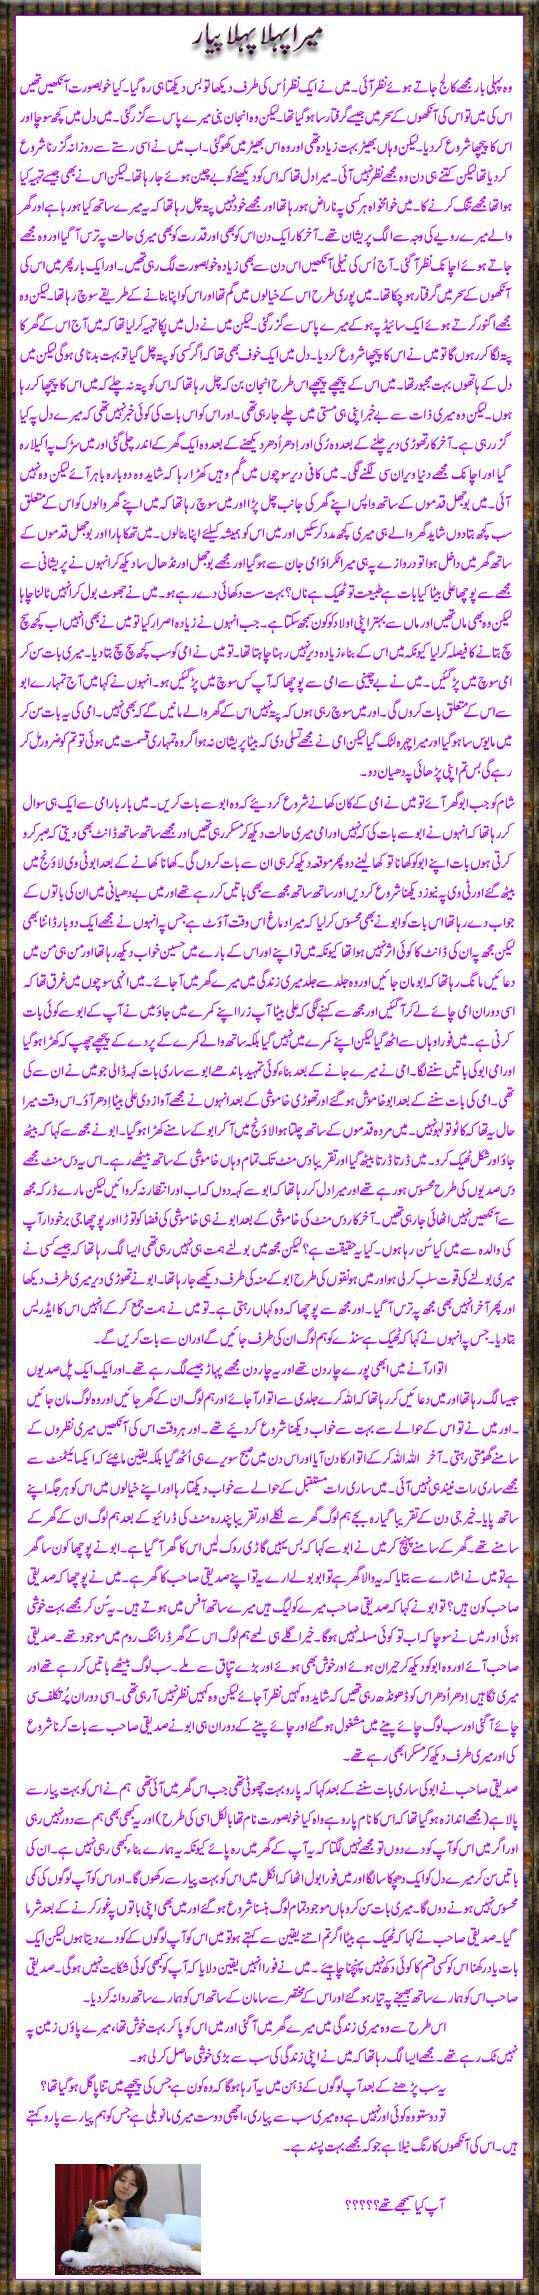 Read Free Urdu Stories Online